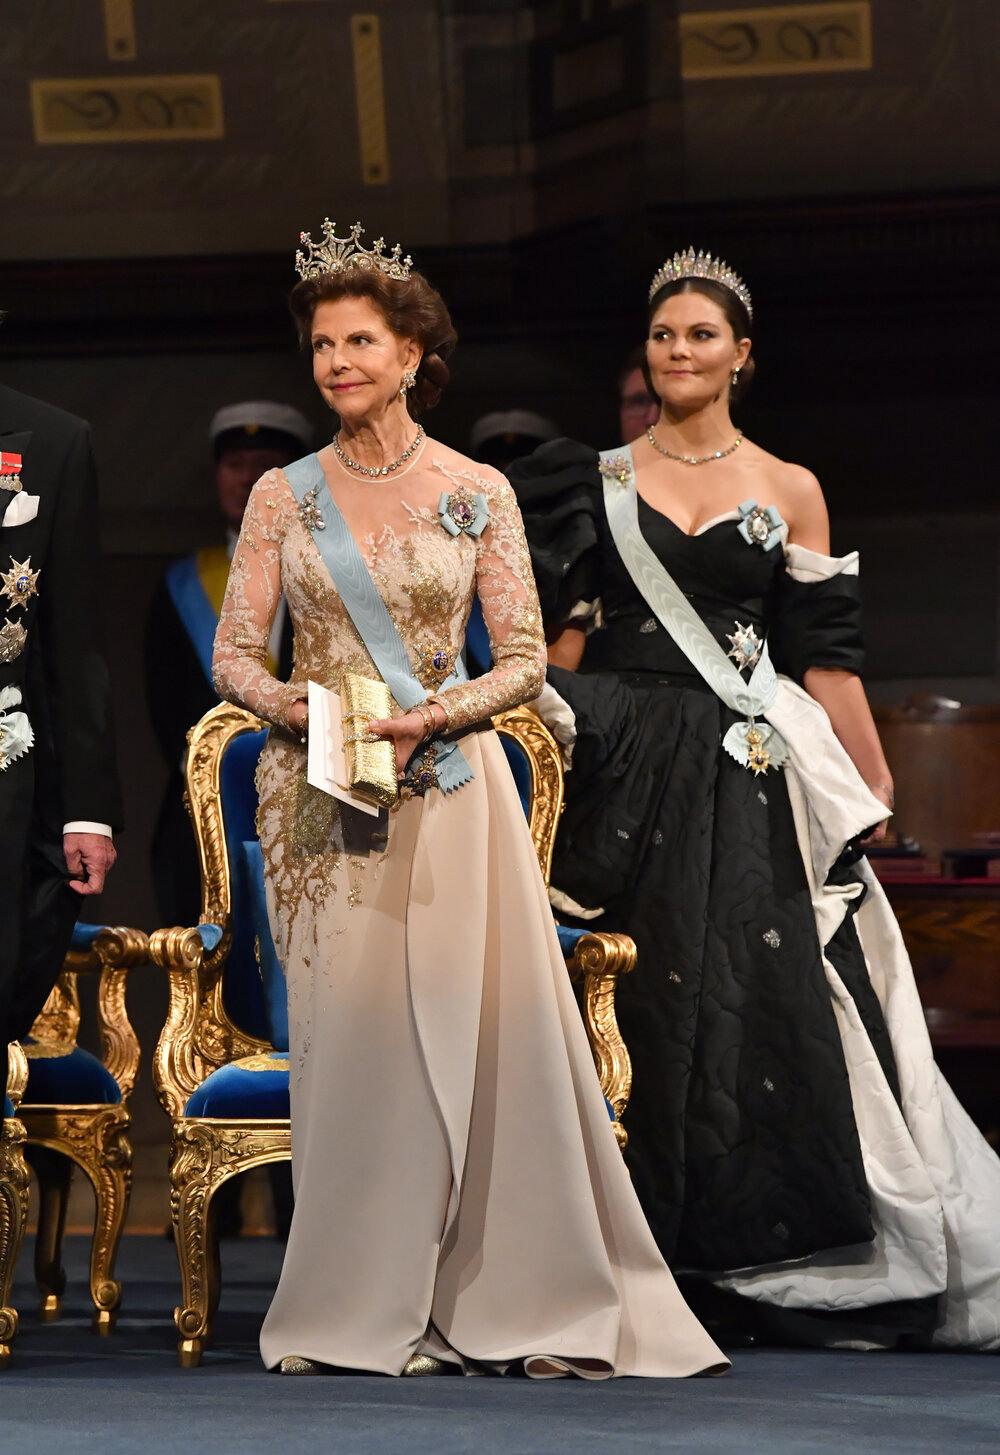 Rotes Kleid Auf Schwedischer Hochzeit | Kleidungsstil Der